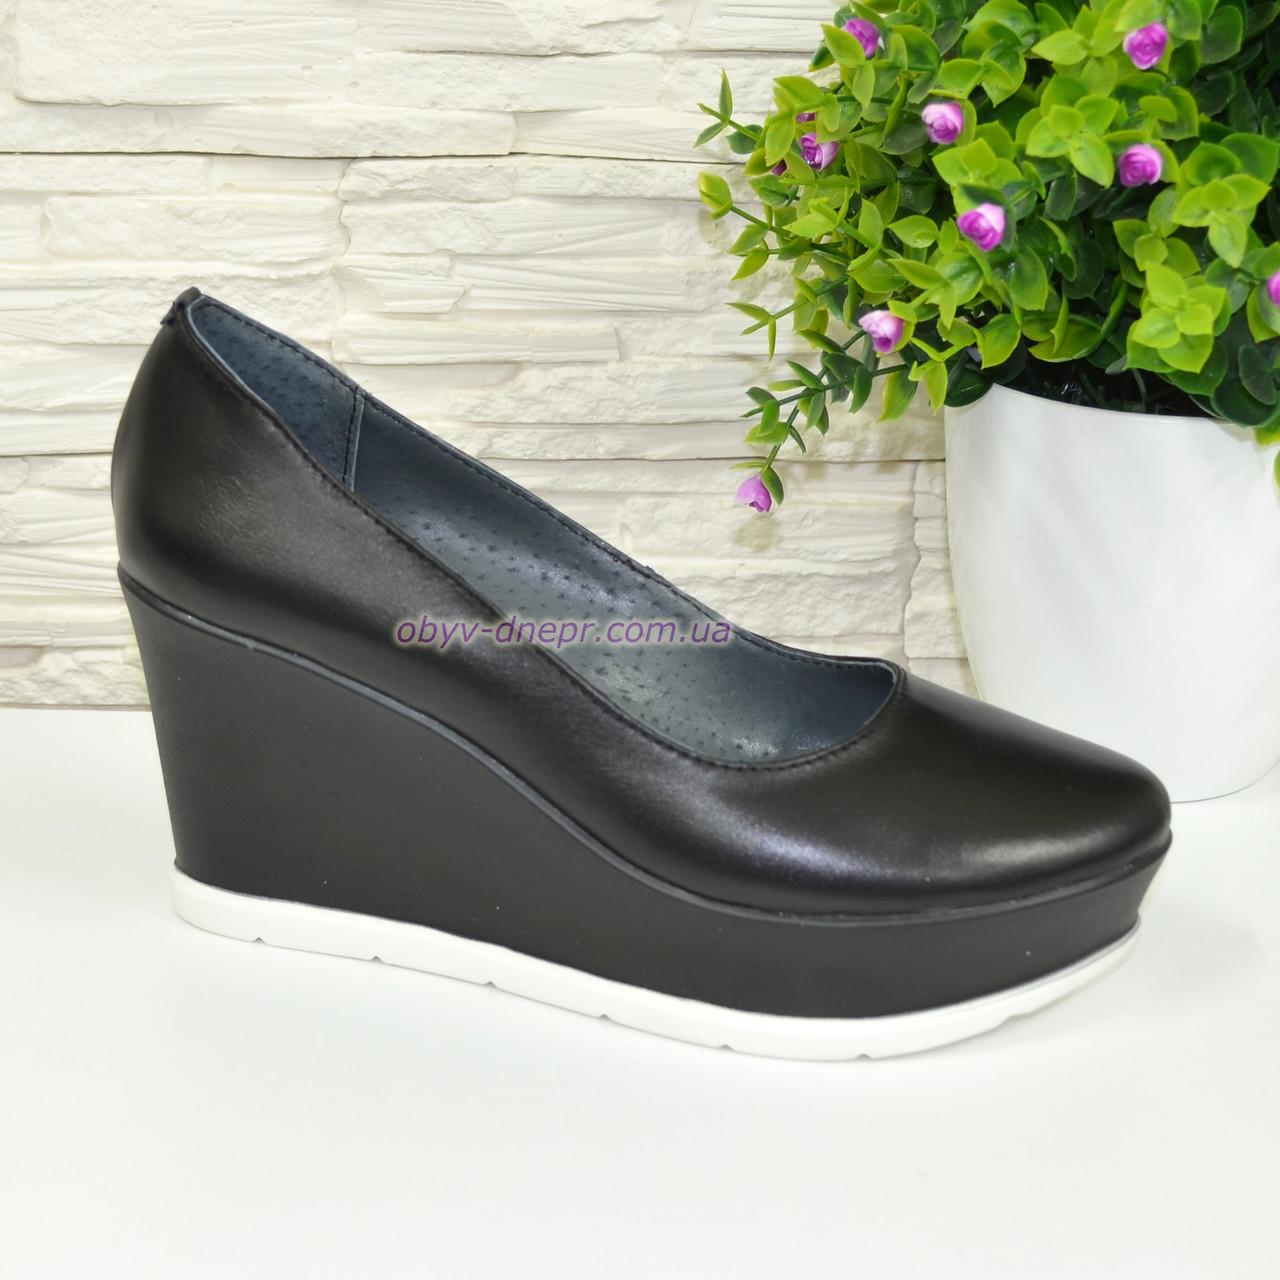 d99086356c2b Женские кожаные туфли на устойчивой платформе. ТМ